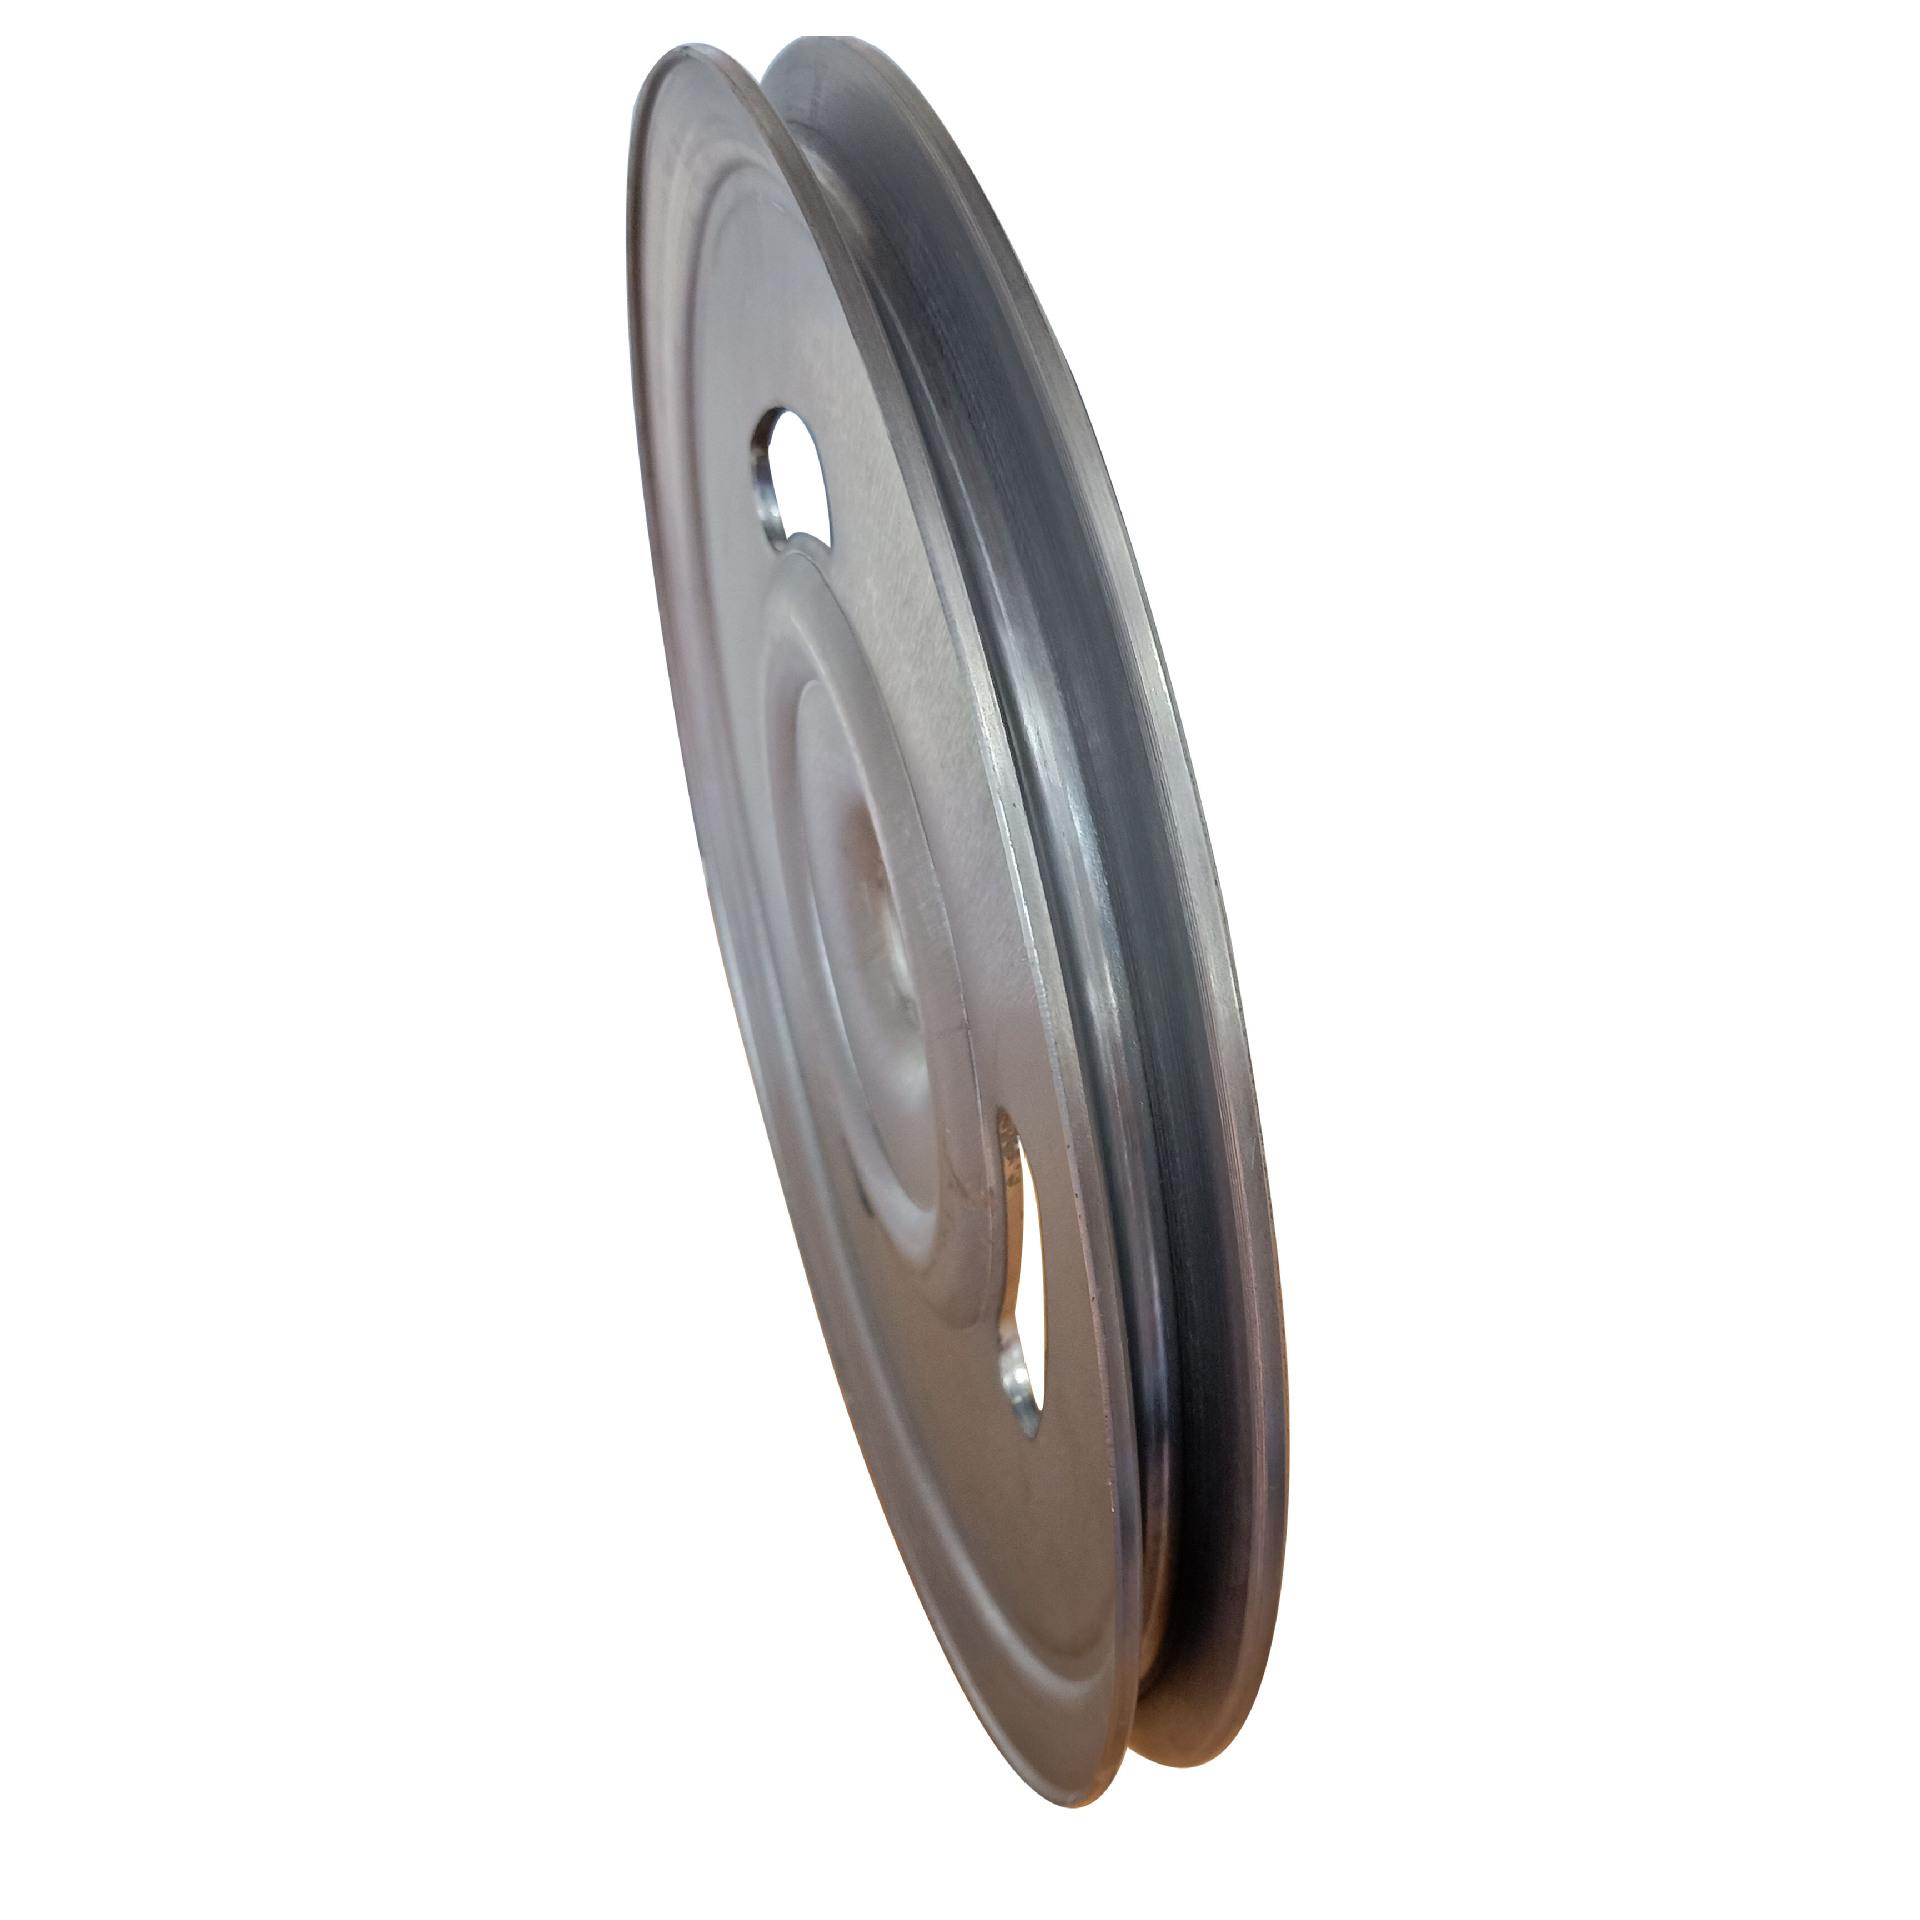 厂家直销新款熟铁旋压单槽劈开式皮带轮可定做异形轮示例图5